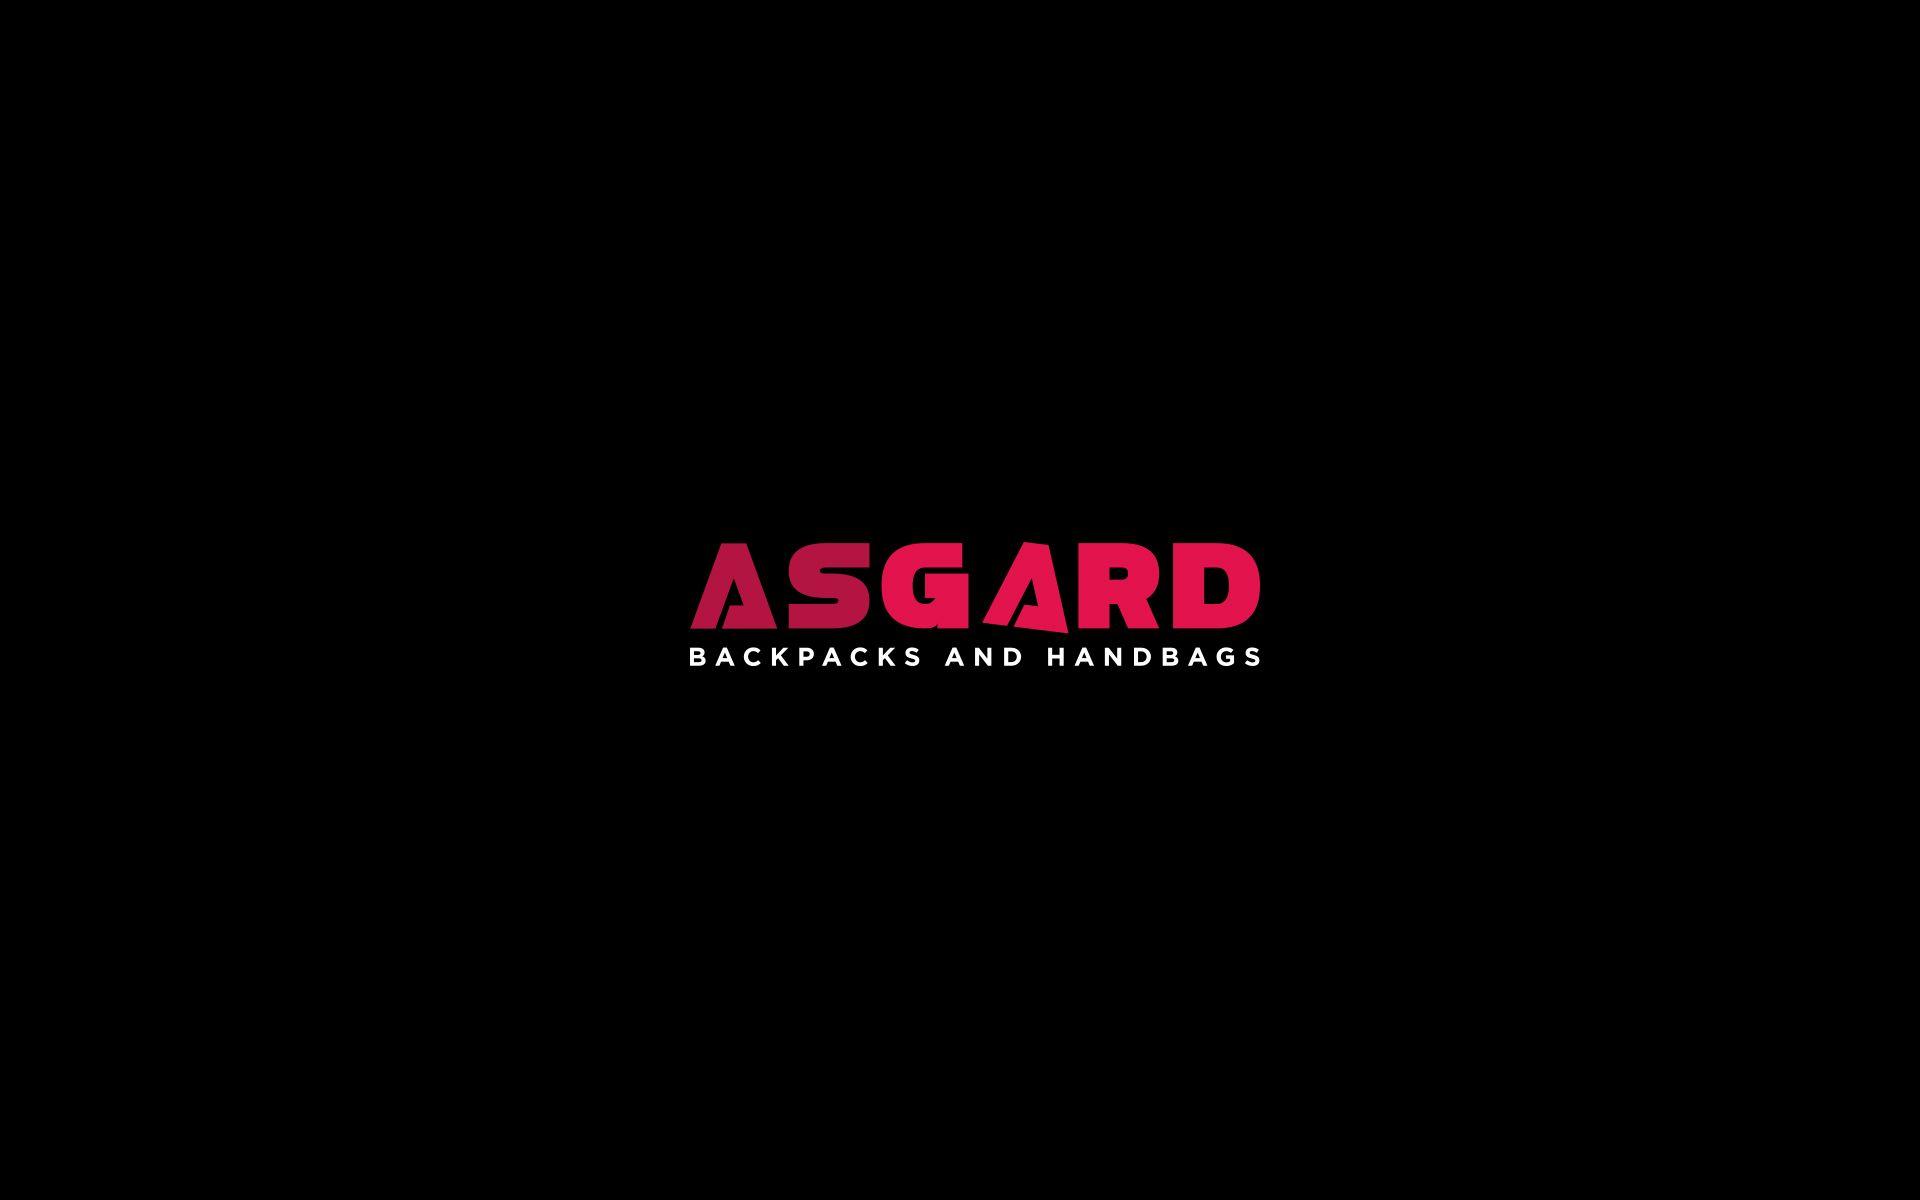 Логотип для рюкзаков и сумок ASGARD - дизайнер U4po4mak